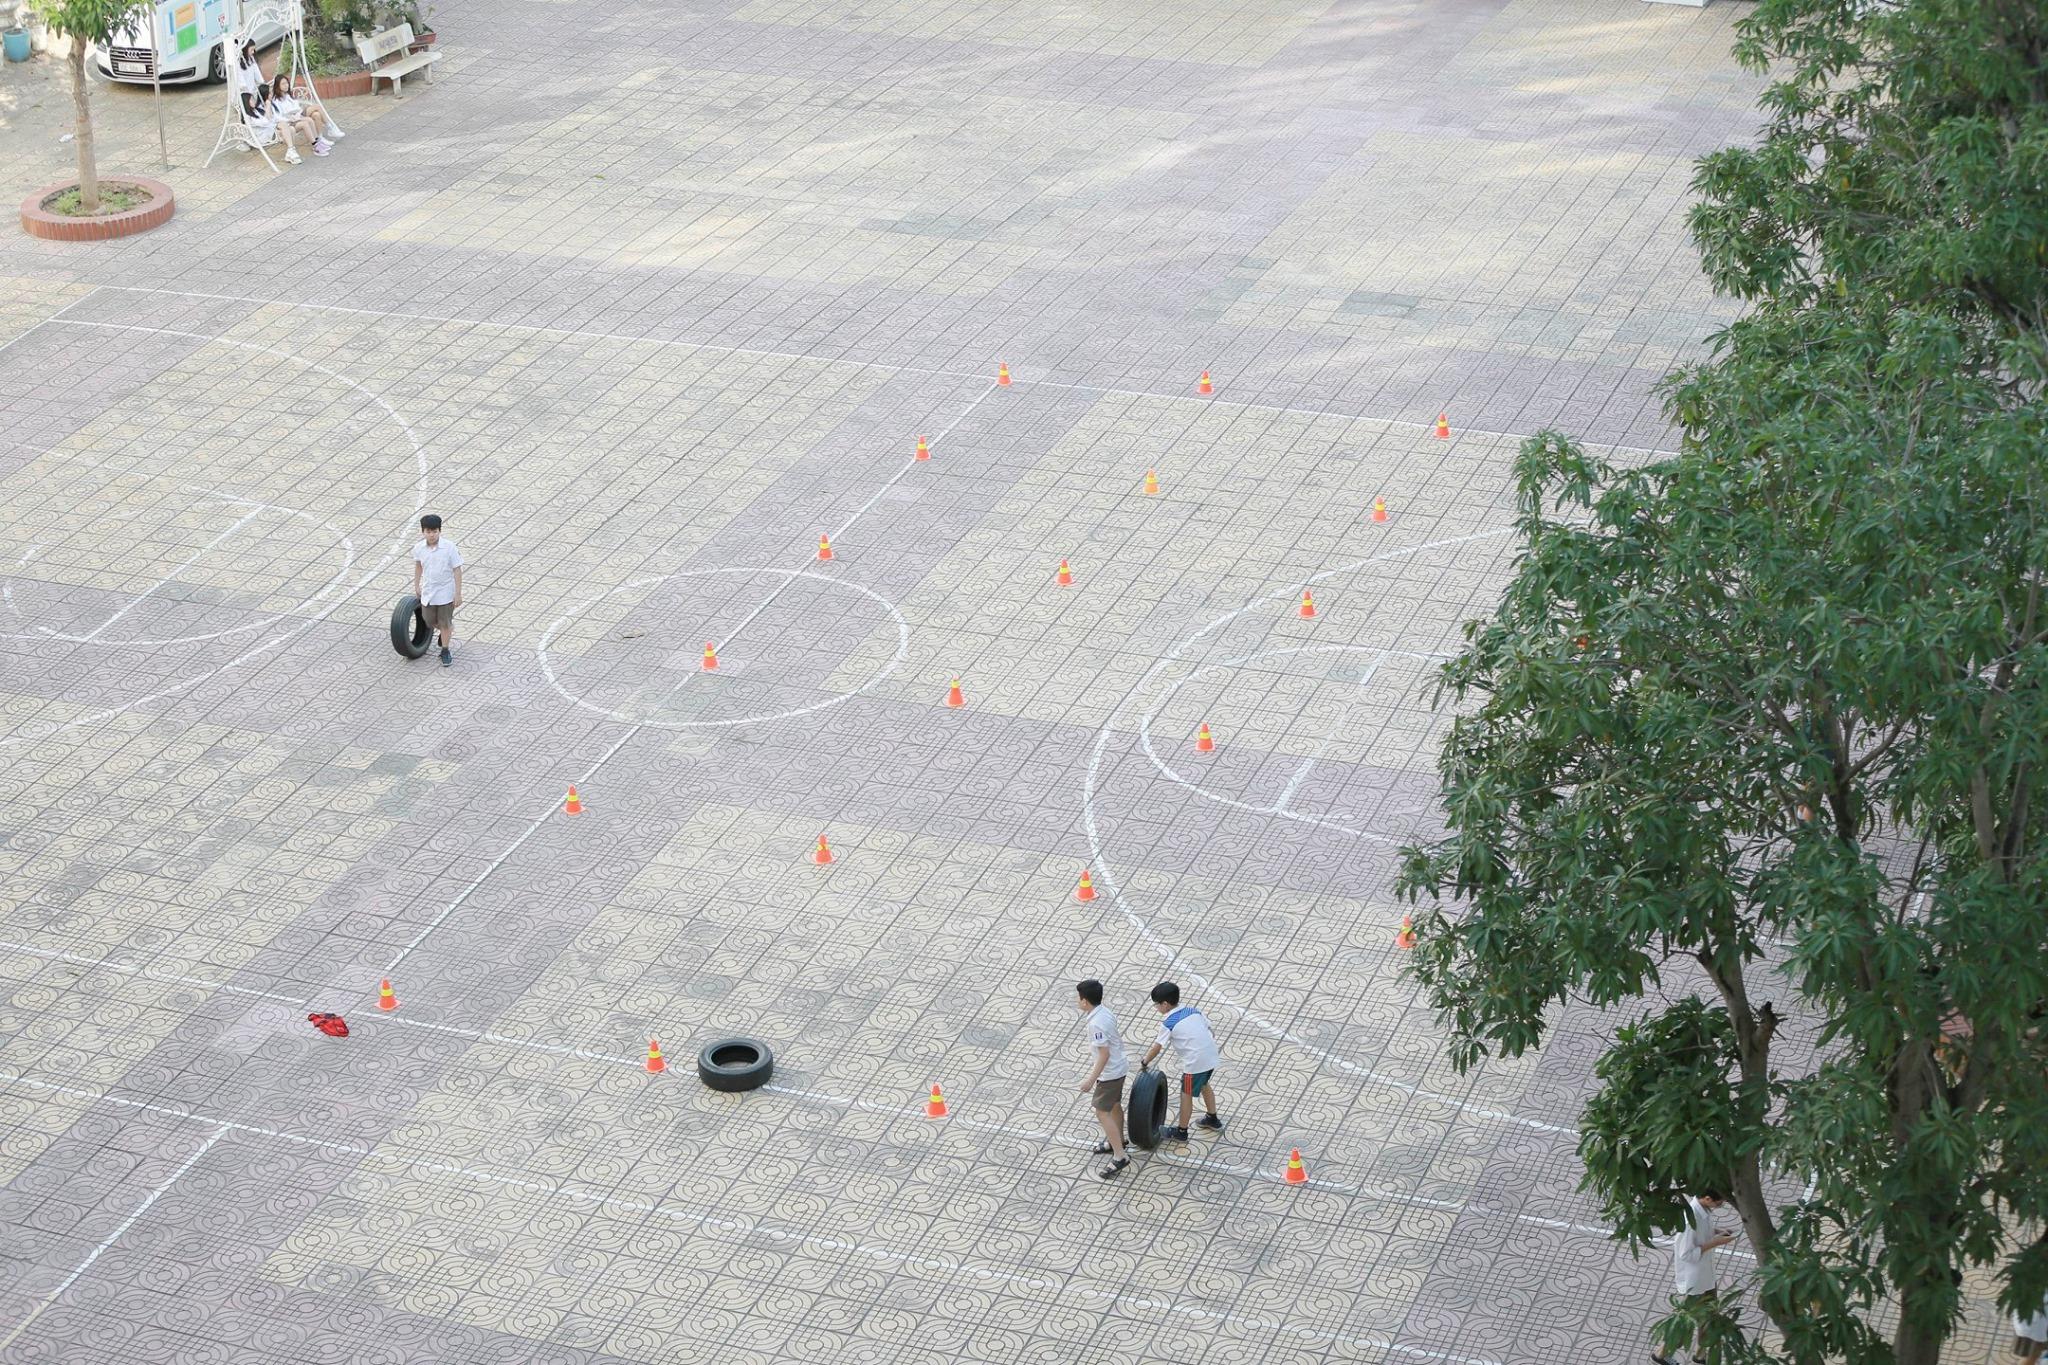 Những ngôi trường nội trú giữa lòng Hà Nội khiến nhiều phụ huynh phấn khích muốn đưa con vào học ngay lập tức - Ảnh 8.